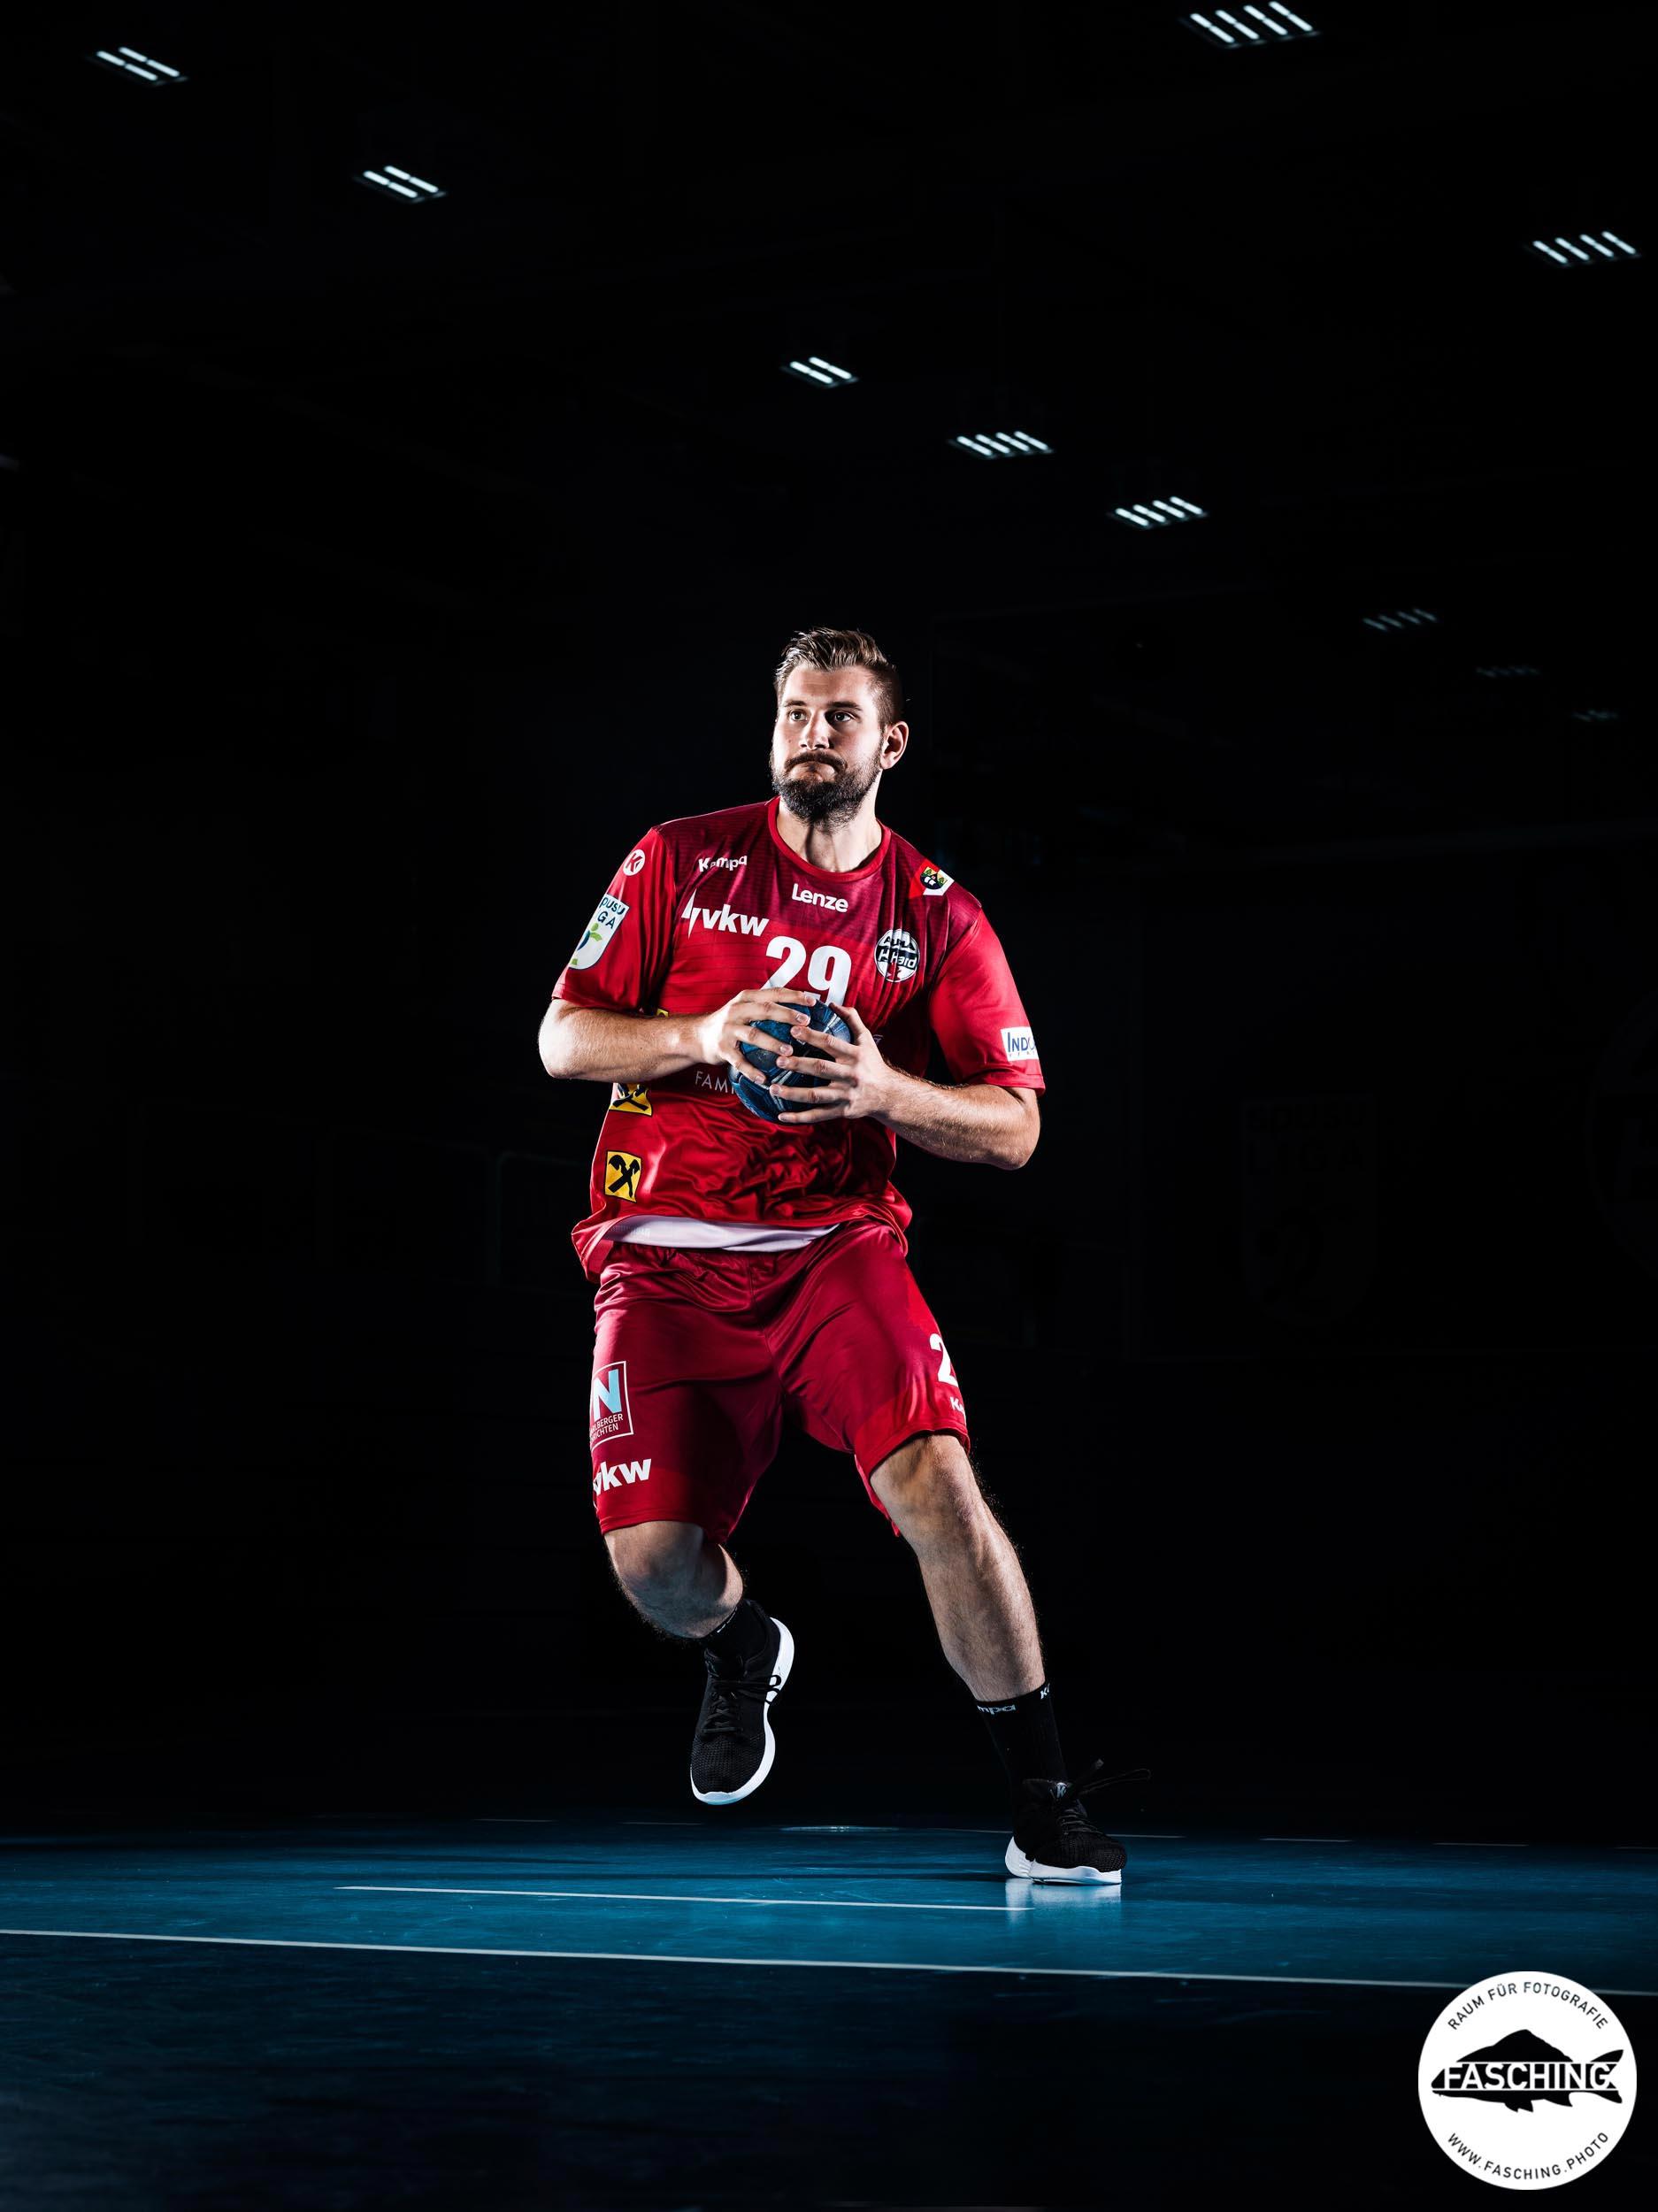 Actionfoto eines Handballspielers von Sportfotograf Luca Fasching